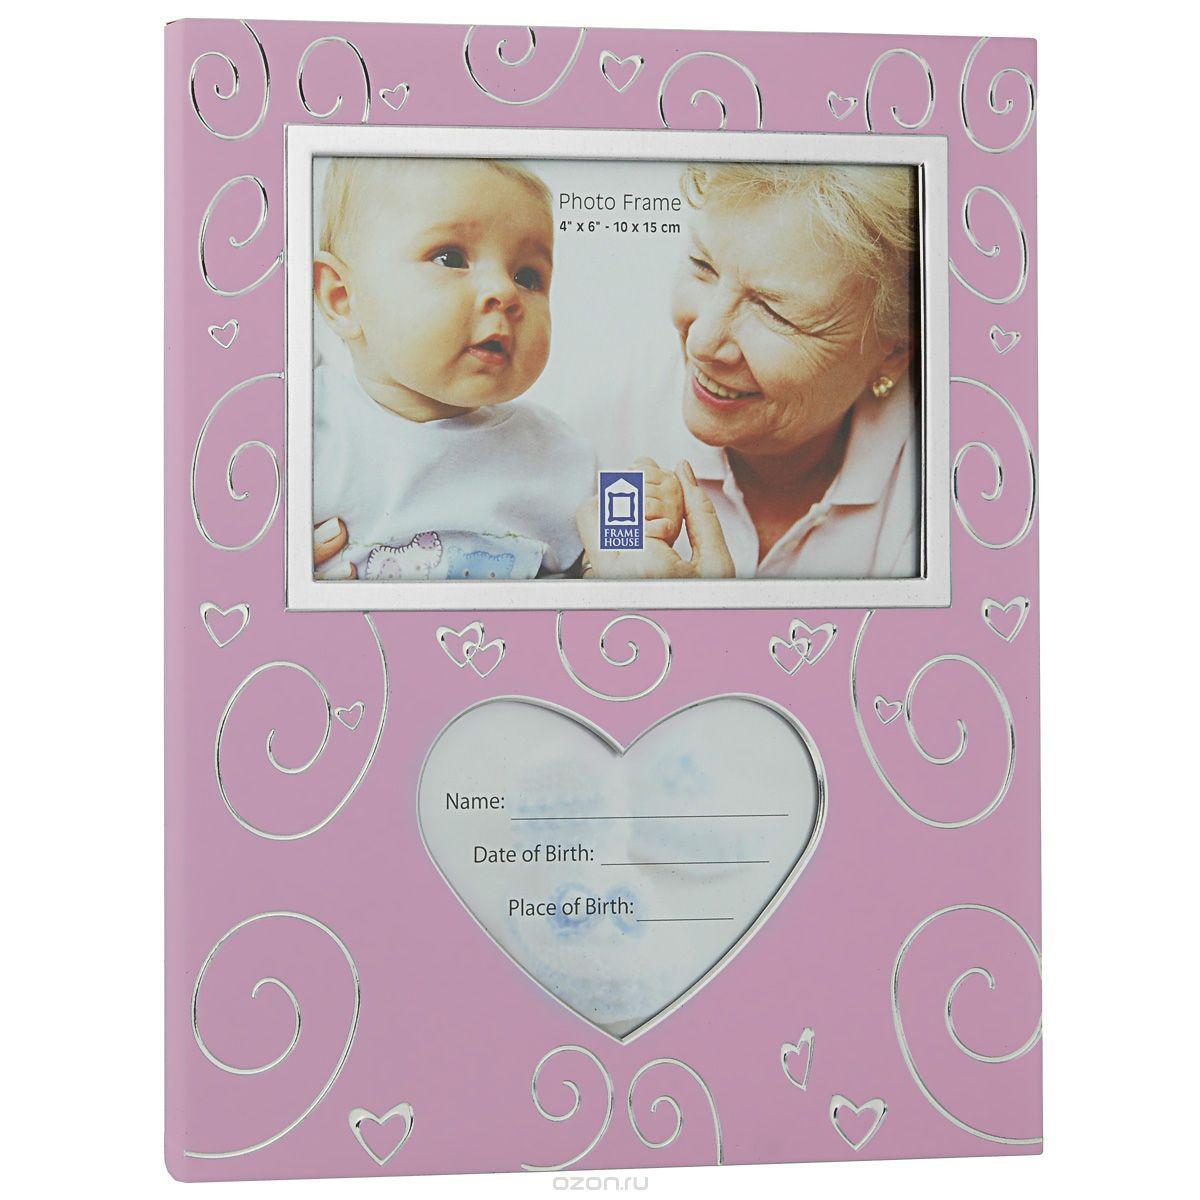 Фоторамка PATA T8715P 10X15 для девочекT8715PФоторамка PATA - прекрасный способ красиво оформить фотографию вашего малыша. Фоторамка выполнена из металла, покрытого краской голубого цвета, и украшена красивым рельефом. Внизу расположено поле в виде сердечка для записи имени, даты рождения и места рождения вашего ребенка. Фоторамку можно поставить на стол с помощью специальной ножки или подвесить на стену, для чего с задней стороны предусмотрены отверстия. Такая фоторамка поможет сохранить на память самые яркие моменты вашей жизни, а стильный дизайн сделает ее прекрасным дополнением интерьера комнаты.